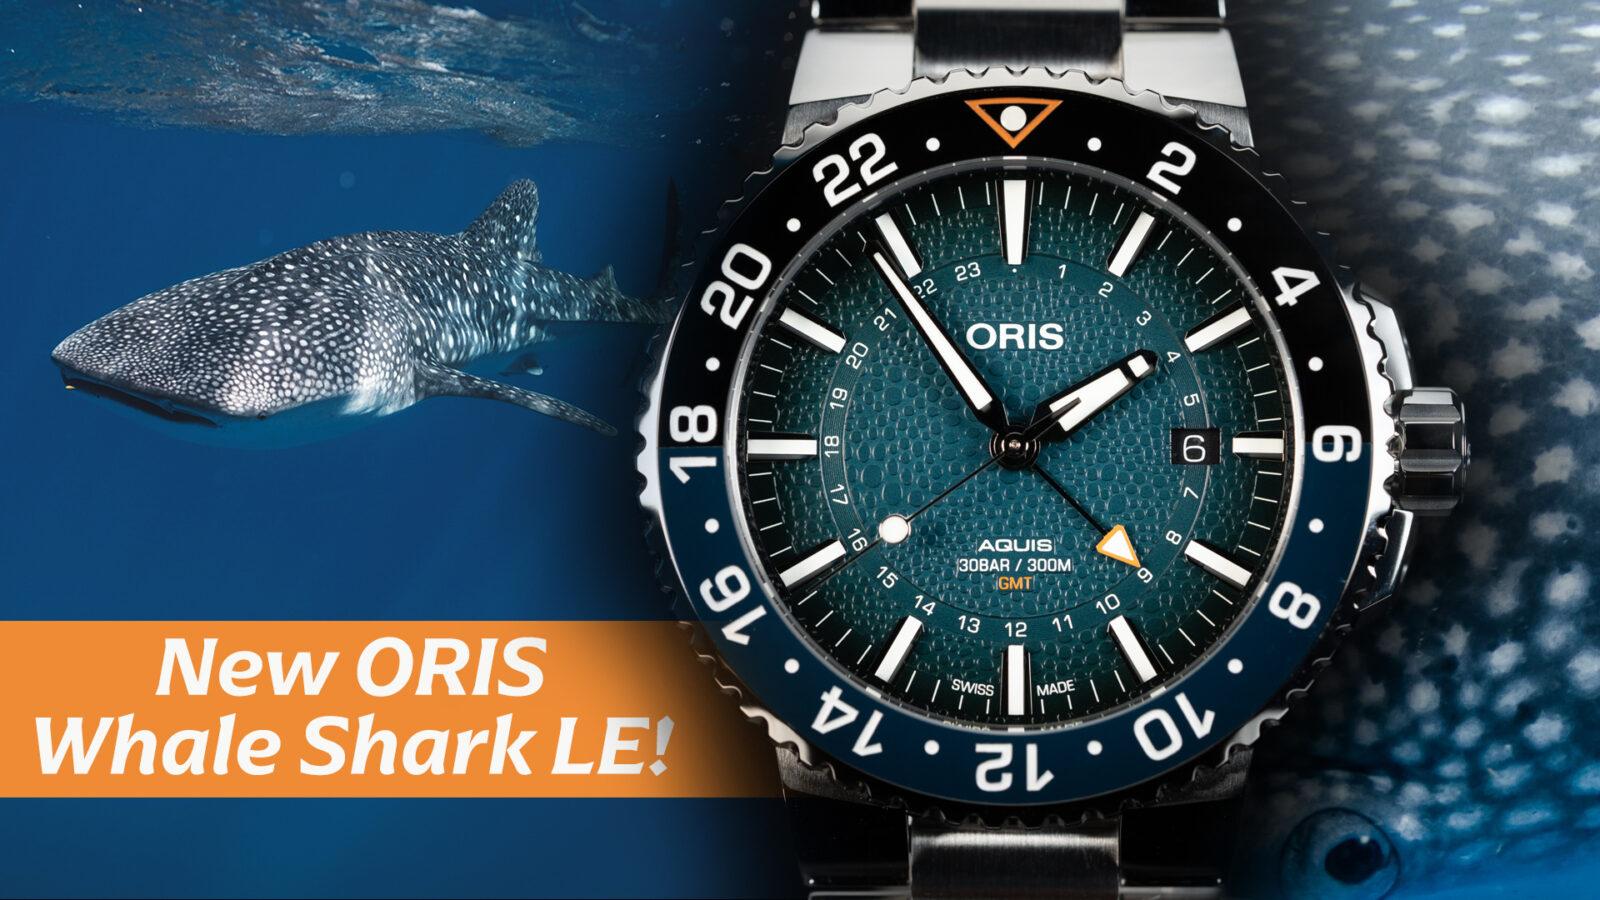 Oris Whale Shark